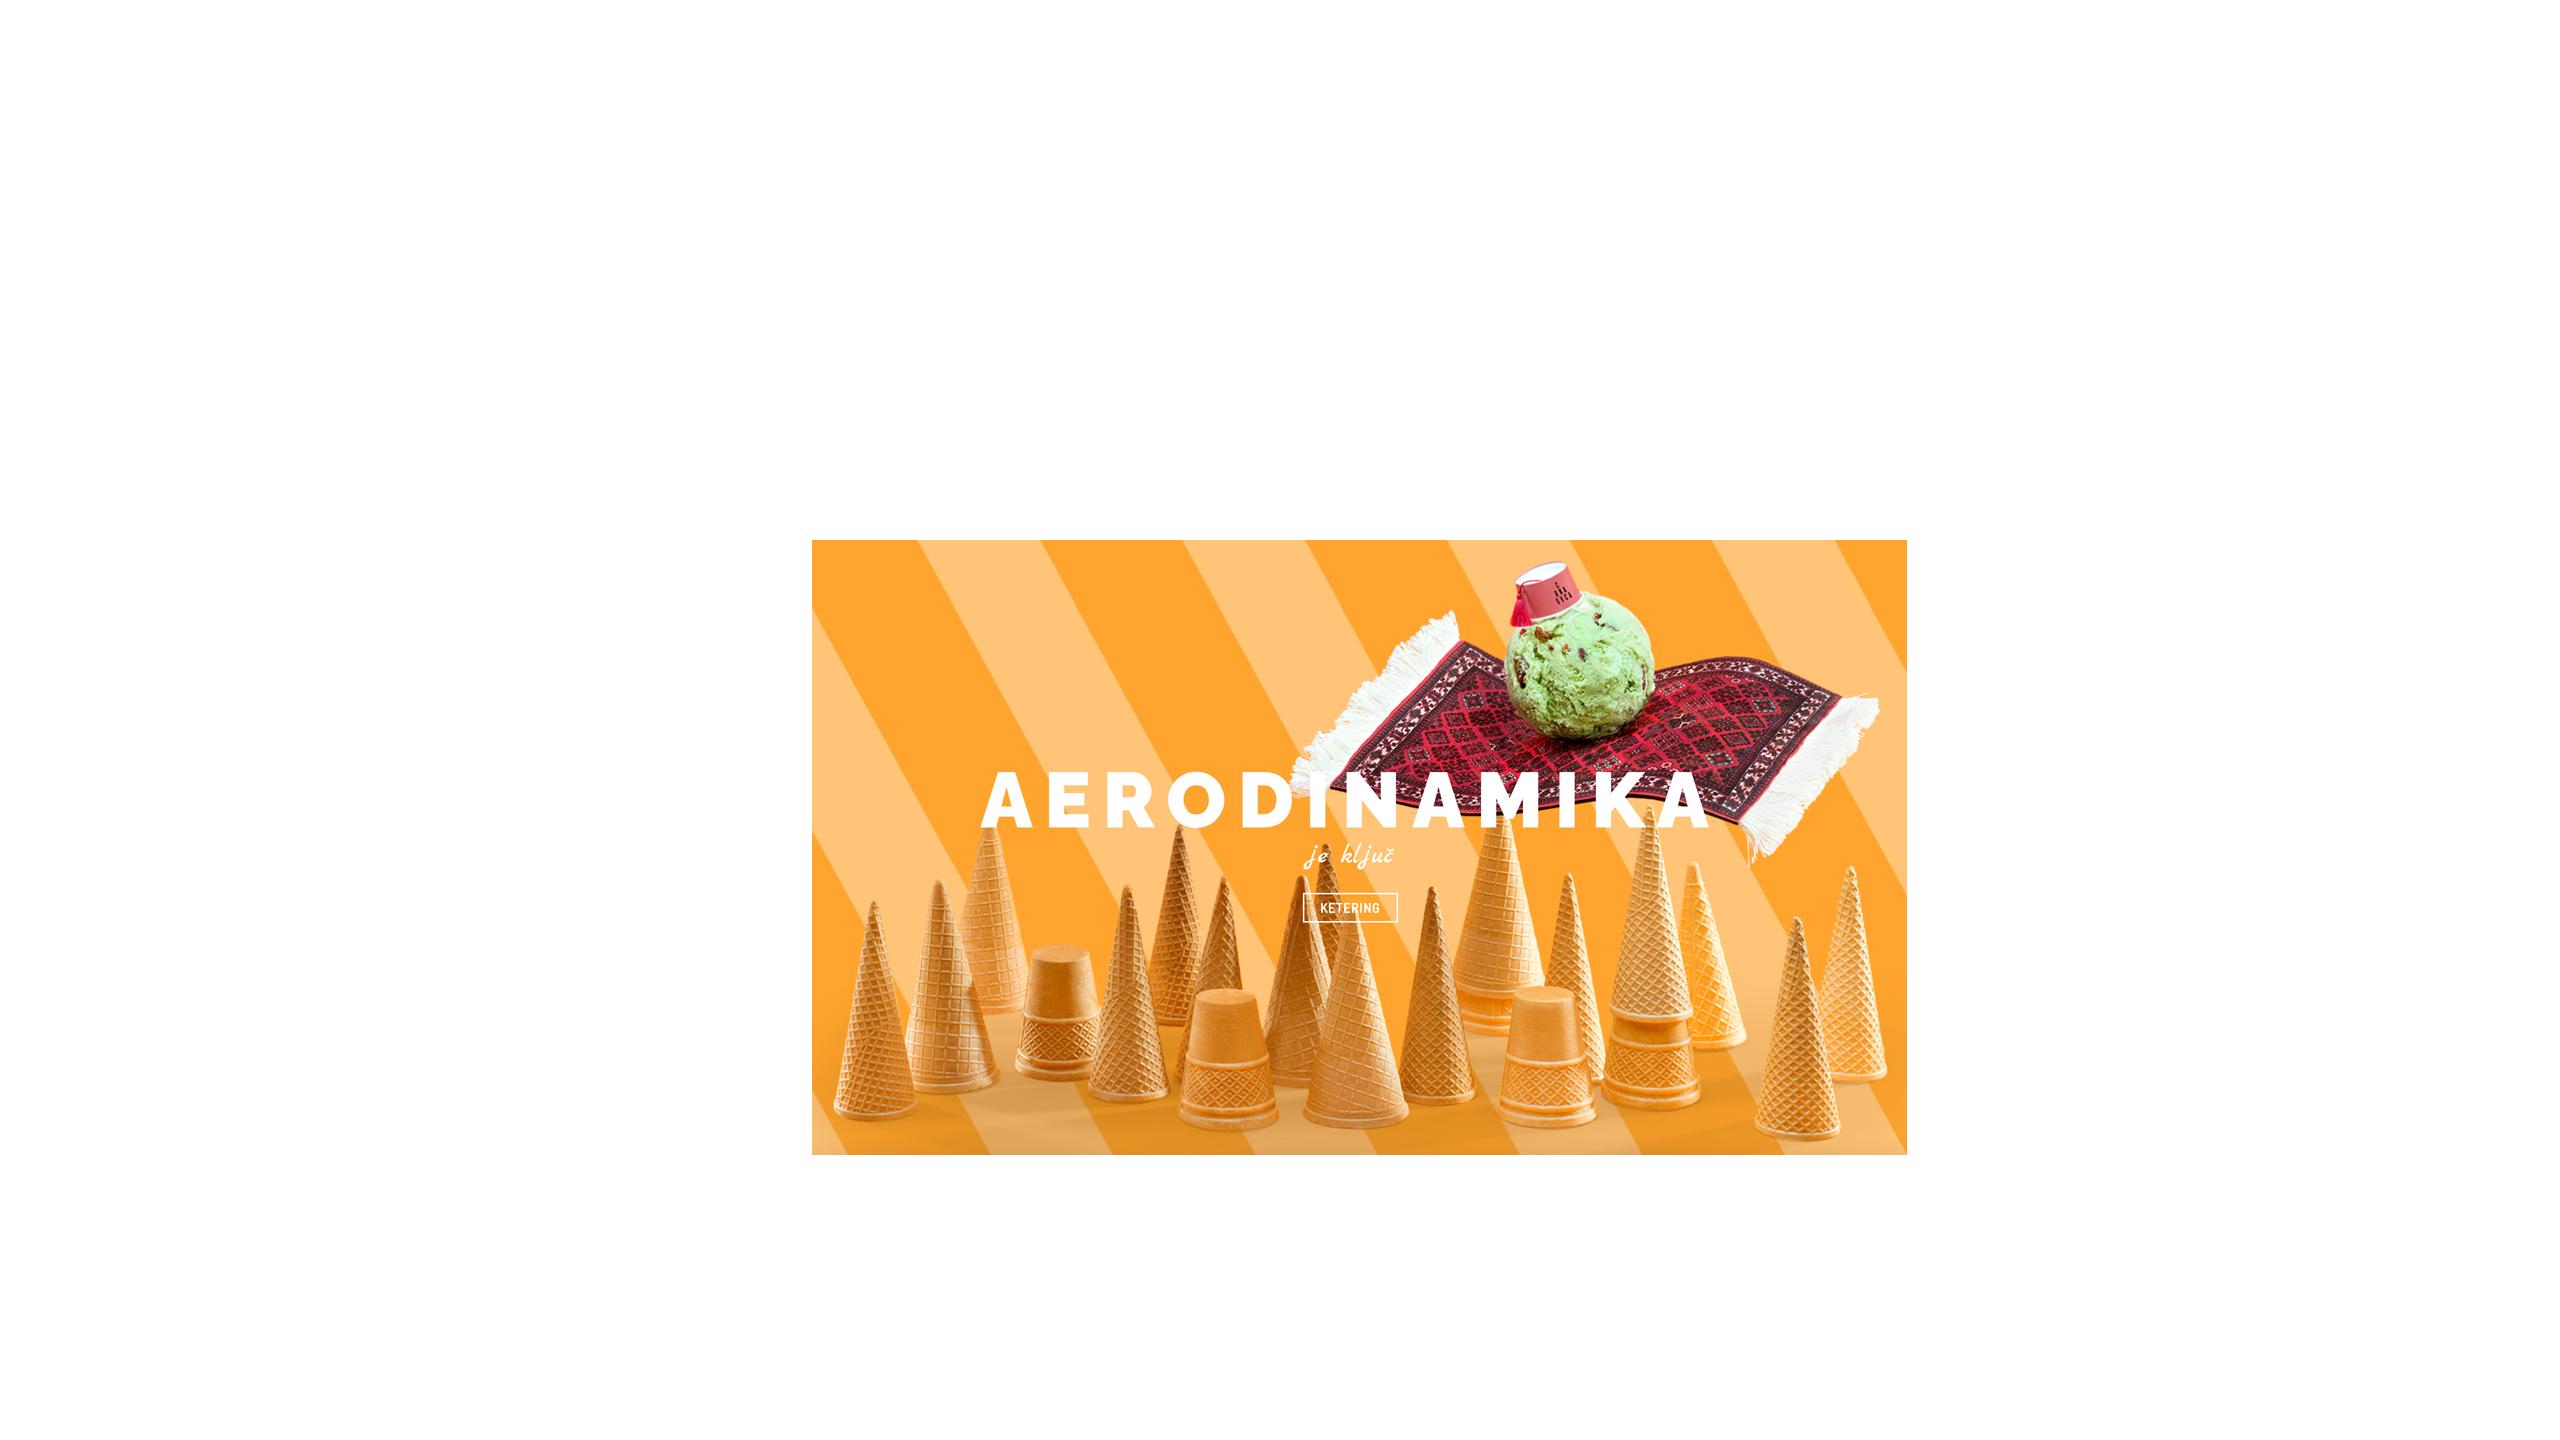 Aerodinamika